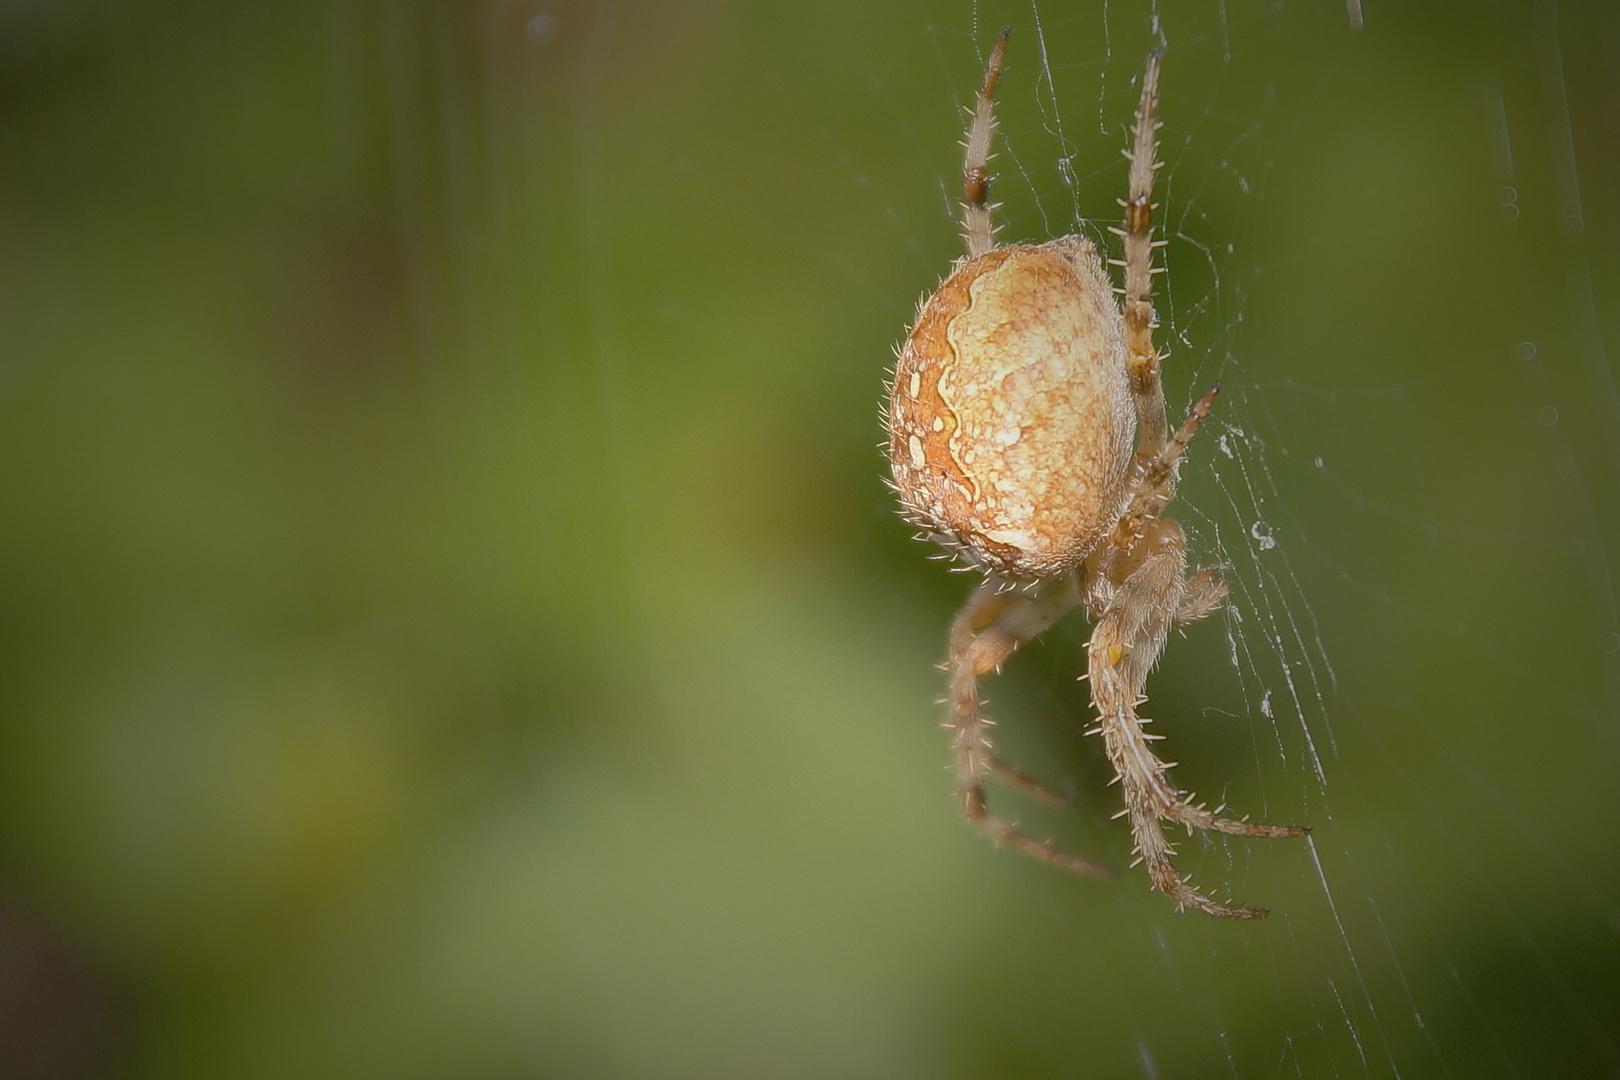 Arachnophobie